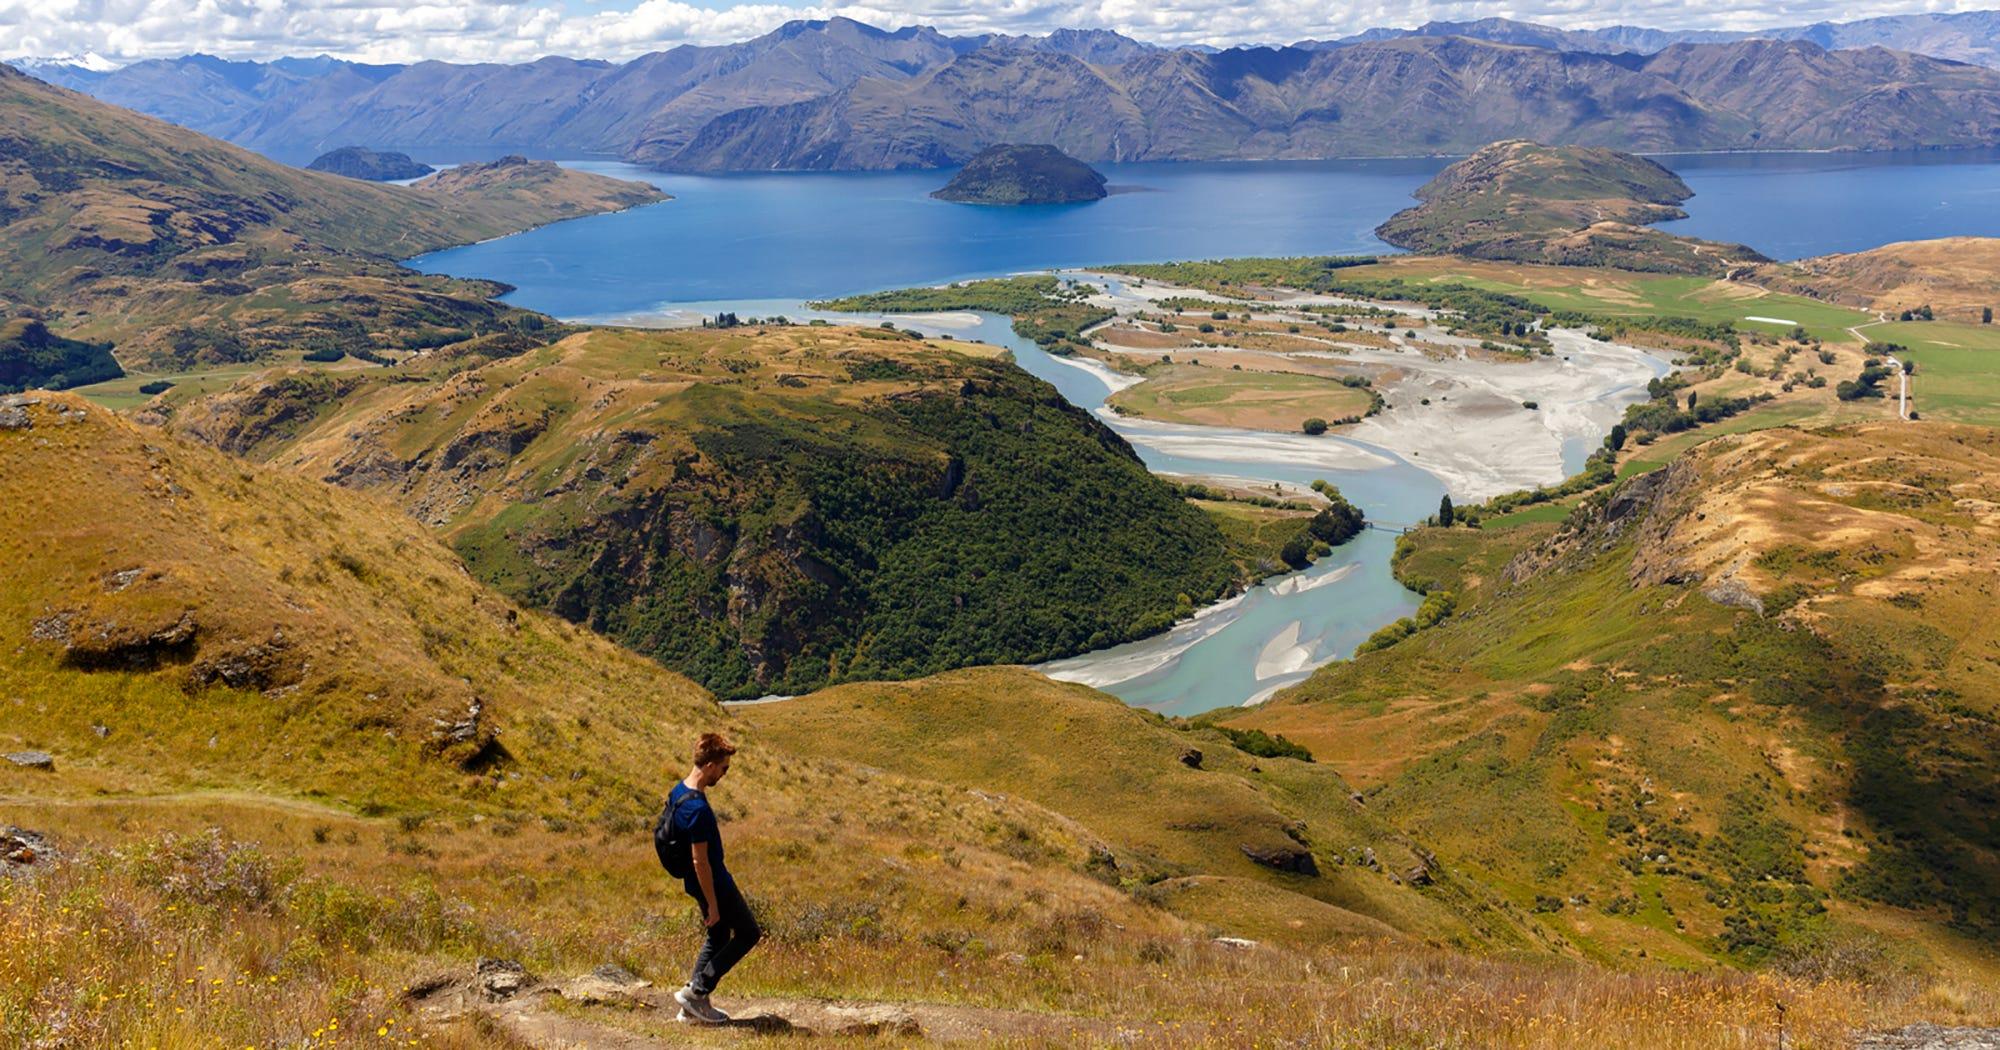 Australia new zealand travel guide honeymoon ideas - Australia tourism bureau ...